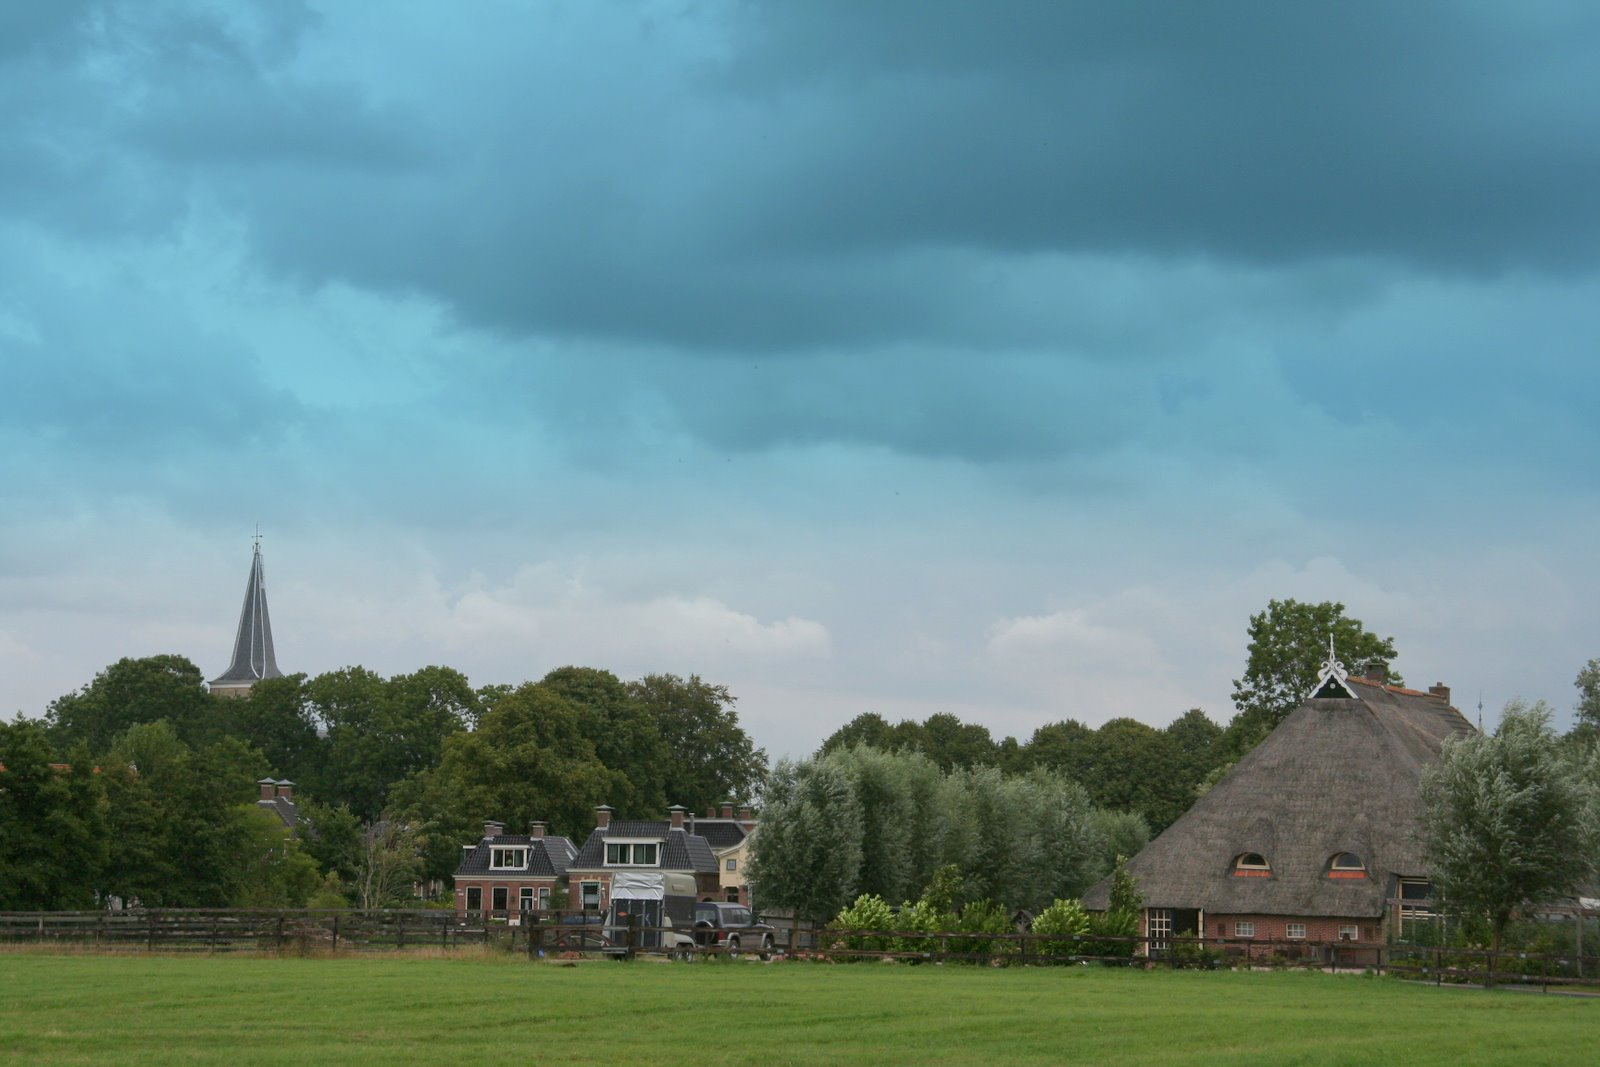 Photo: Marssum. Het mooiste dorp van Friesland zeggen ze zelf. Marssum heeft een beschemd dorpsgezicht.